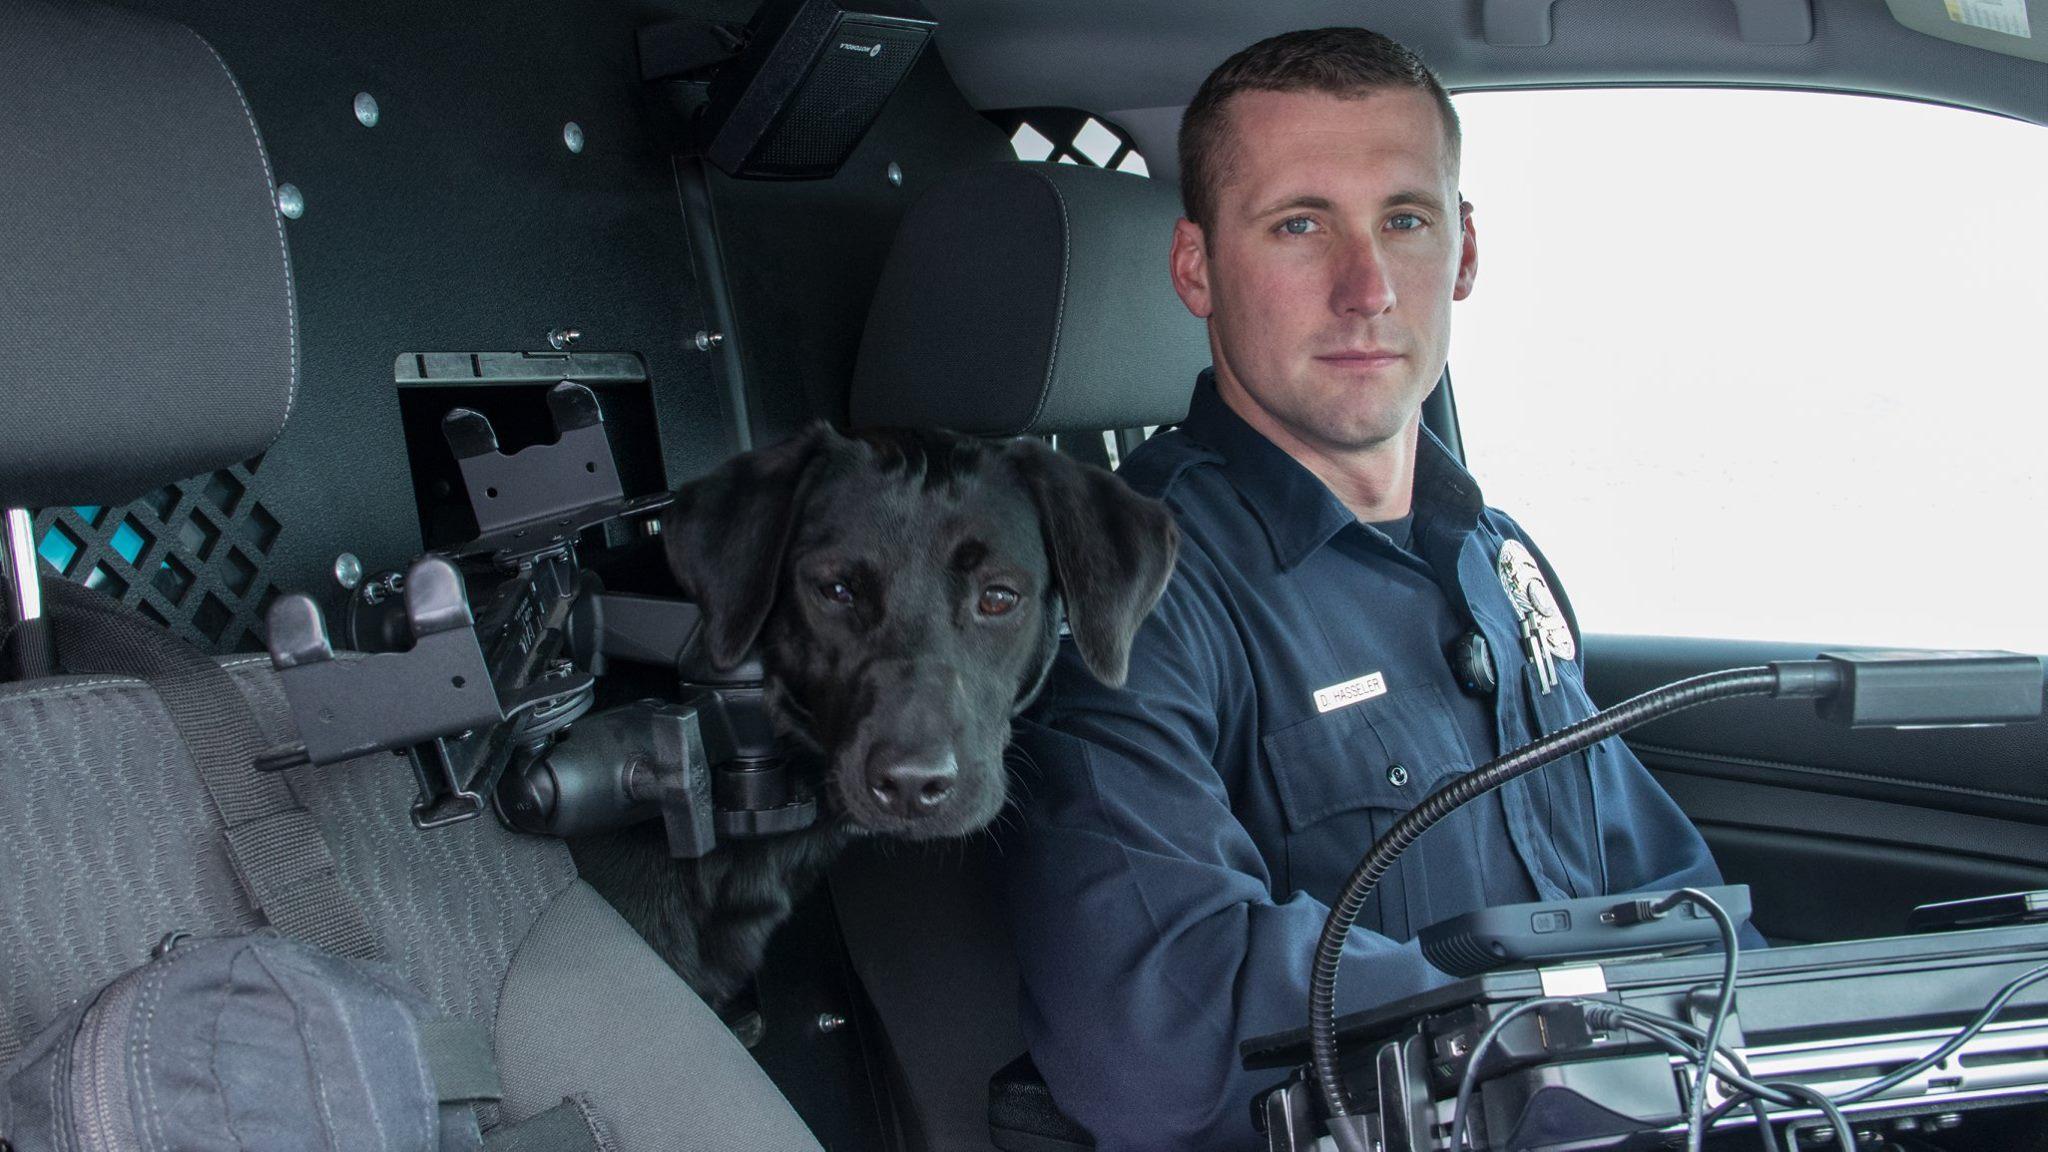 Grace Layton City Police